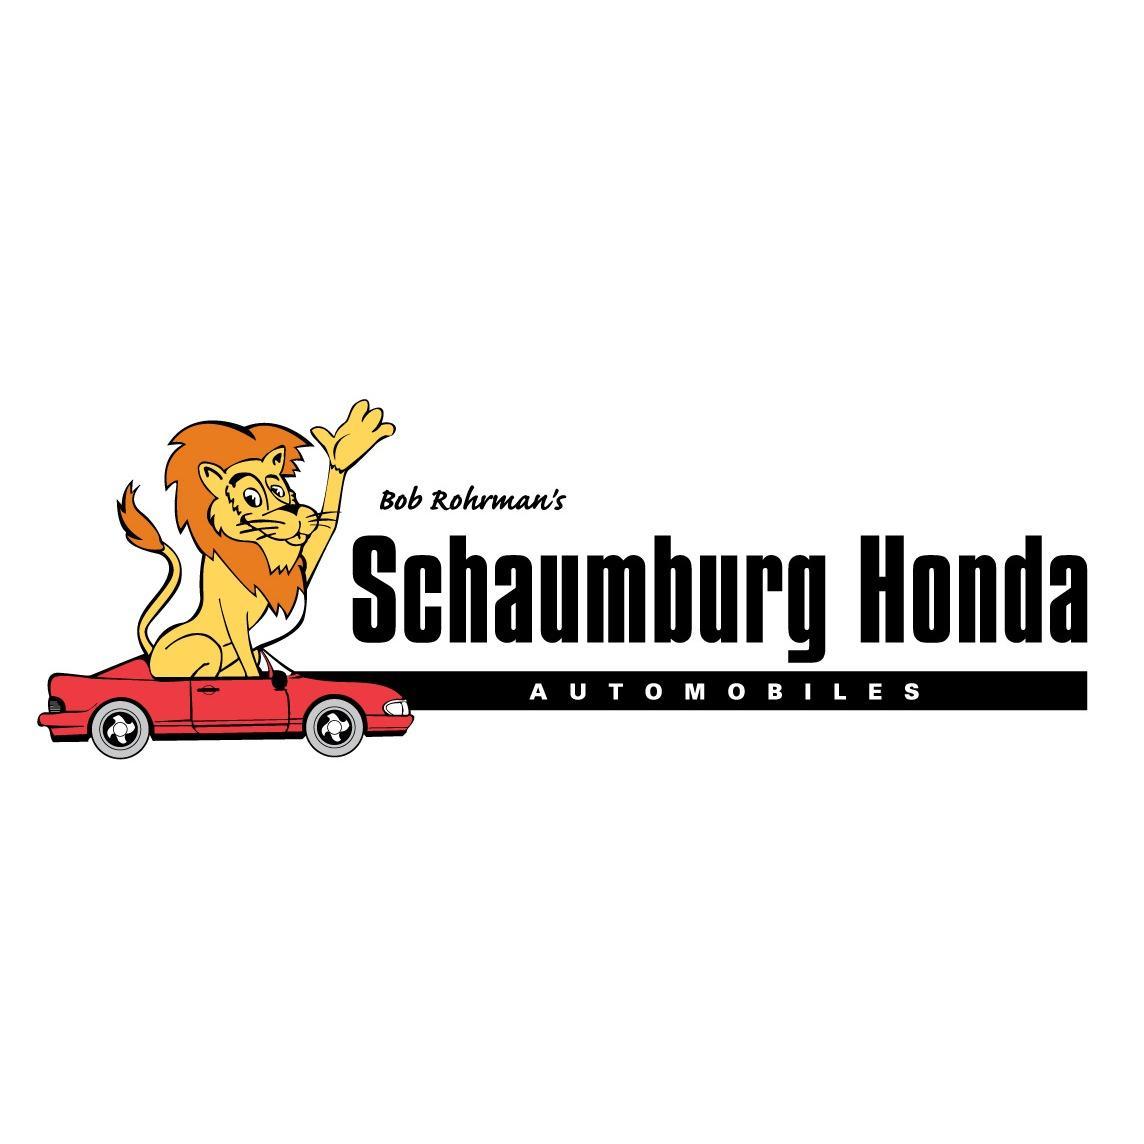 Schaumburg Honda Automobiles